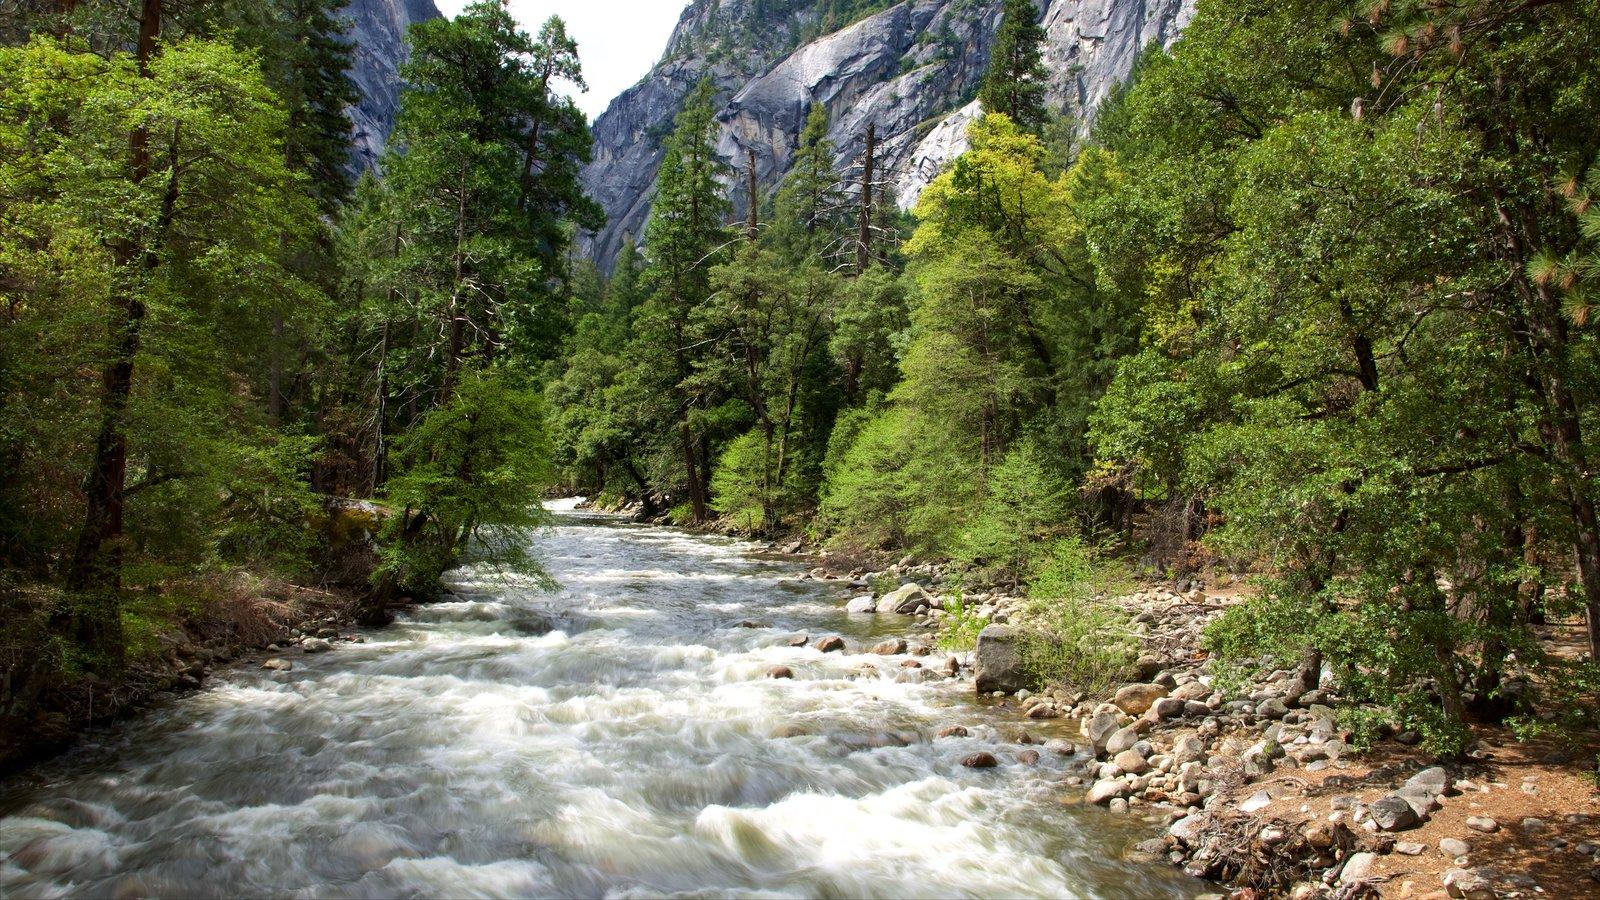 Região central do interior da Califórnia mostrando florestas e um rio ou córrego